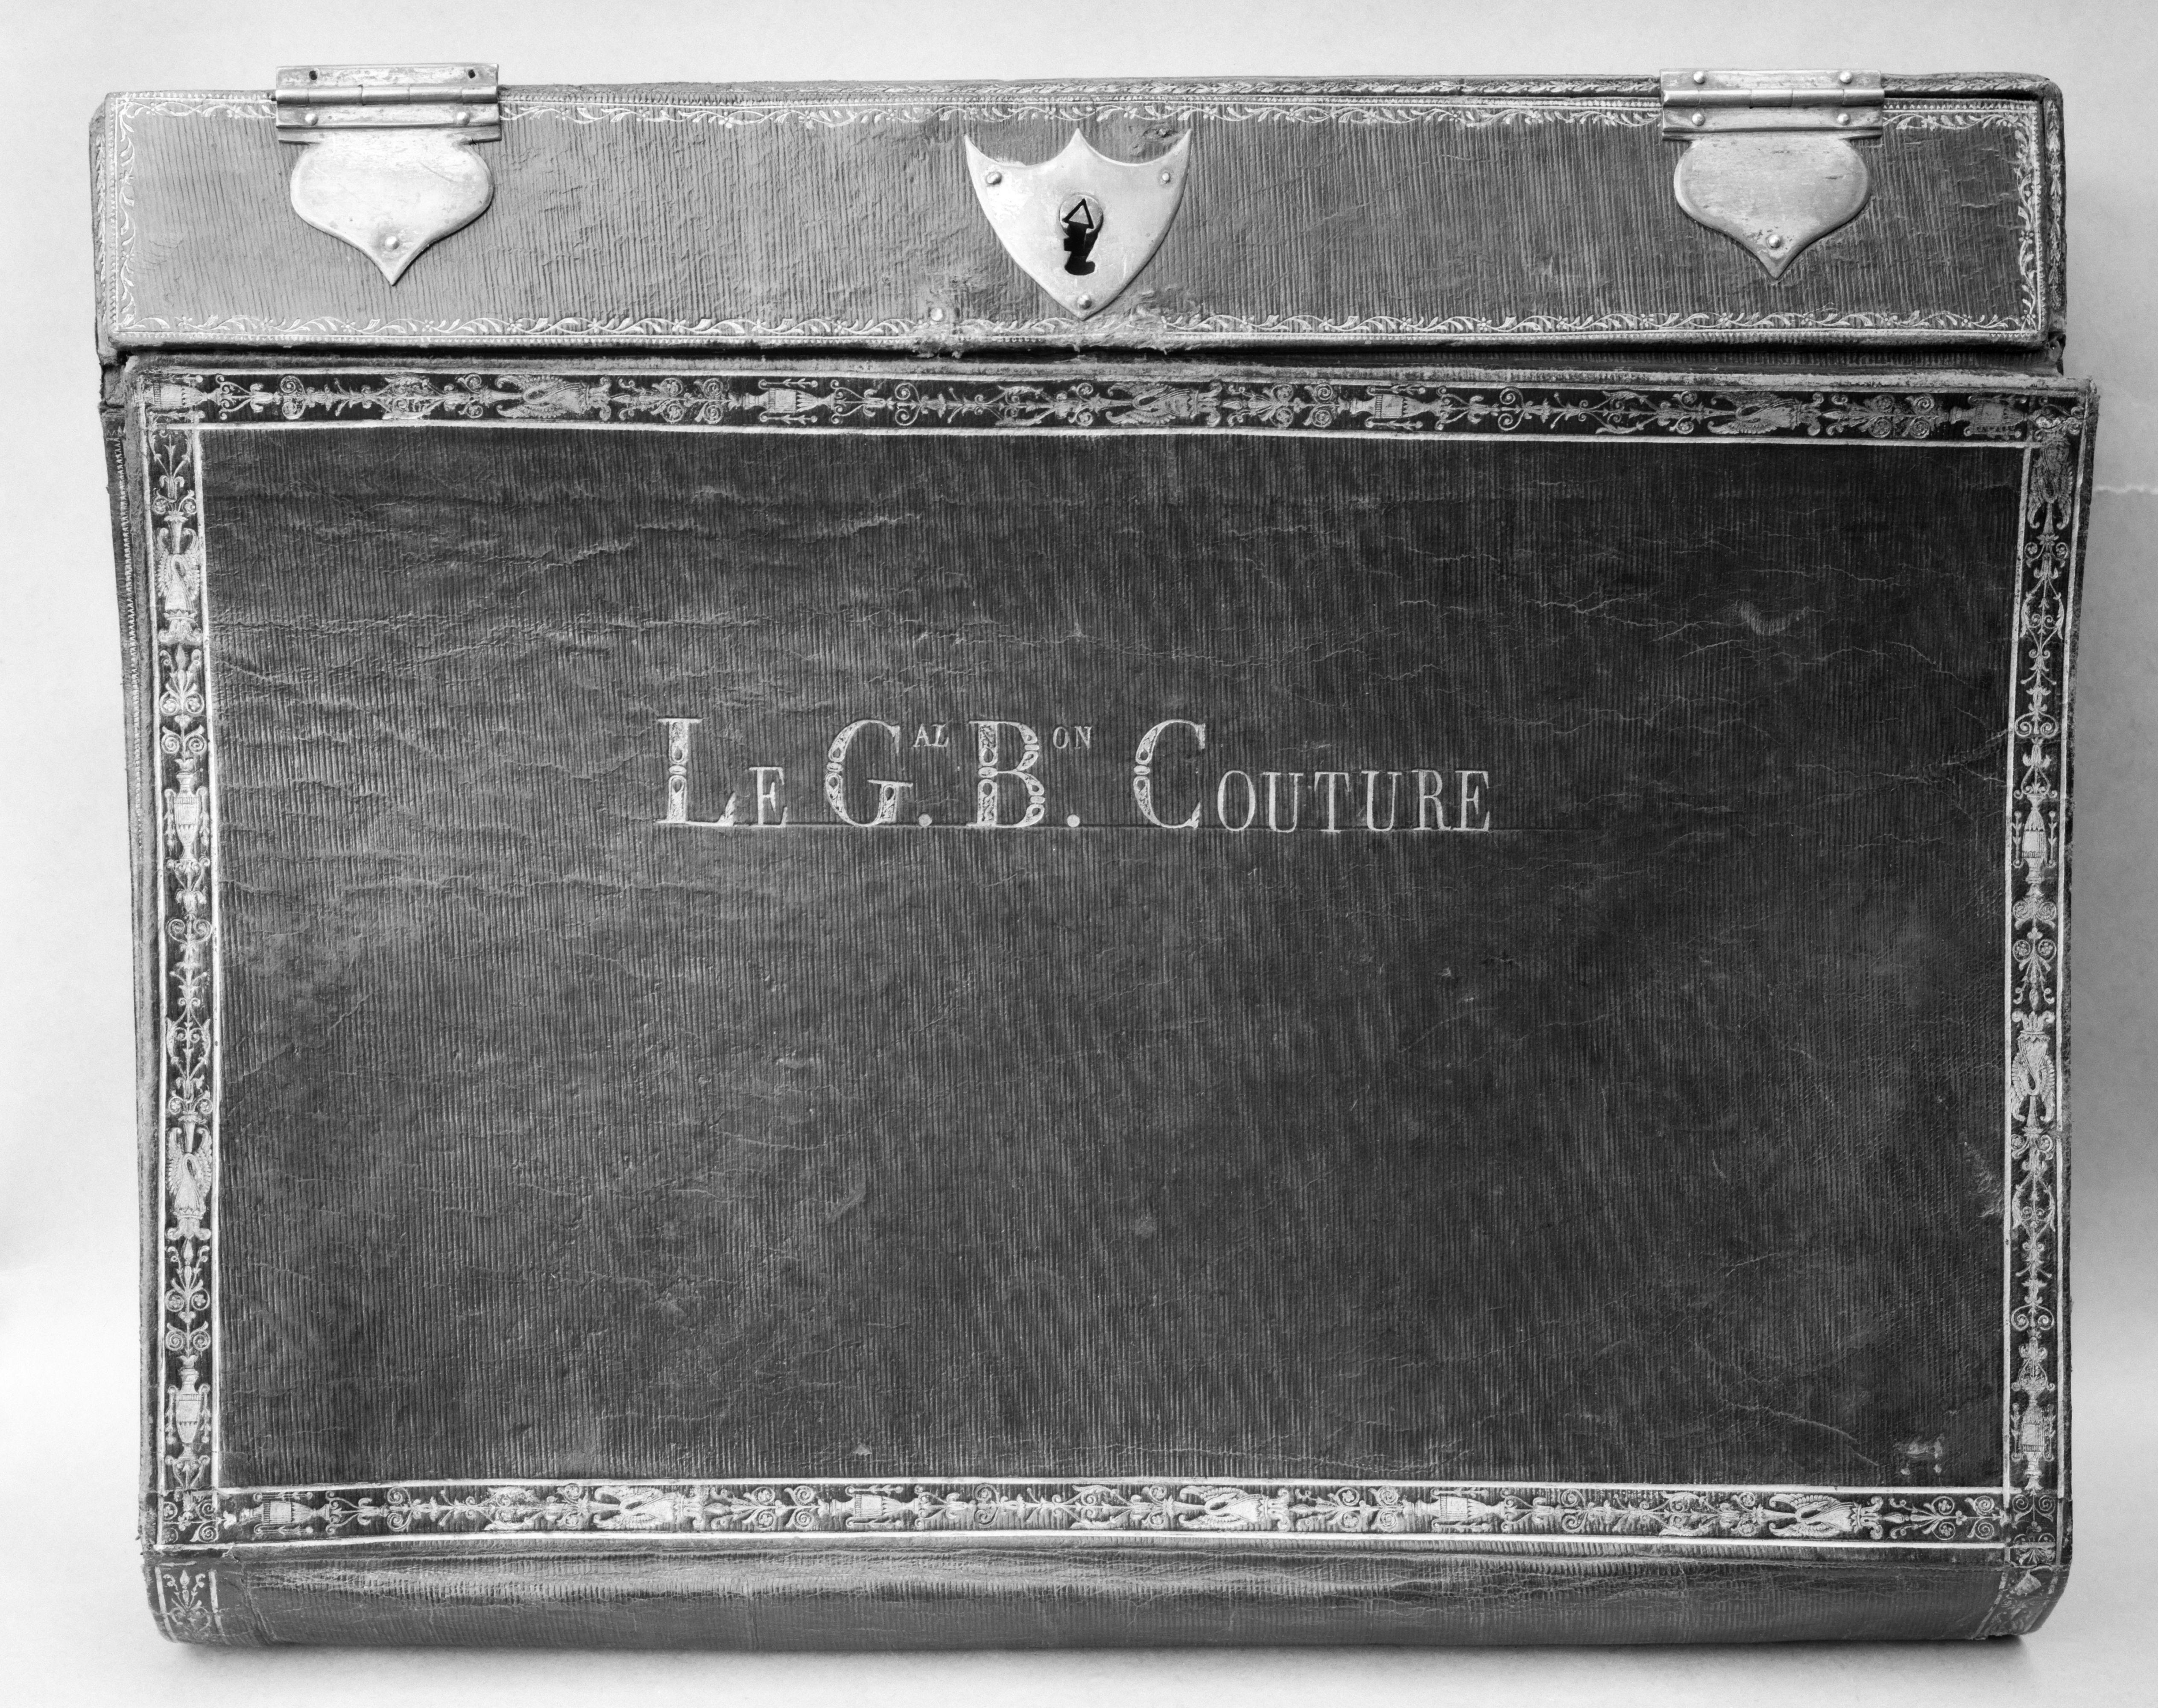 mnr/OAR00326/OAR326-copyright_Musee_du_Louvre-departement_des_Objets_d_art.jpg